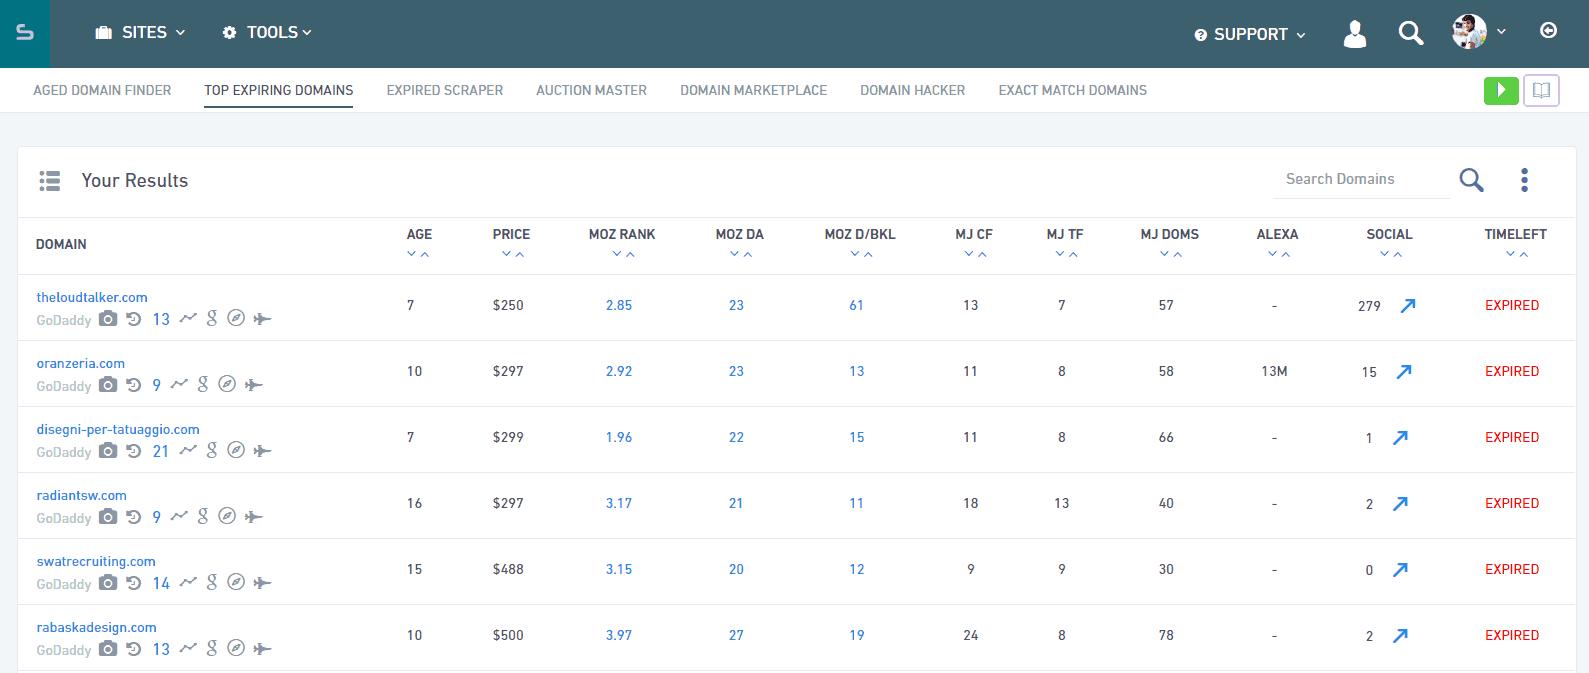 Top expiring domains